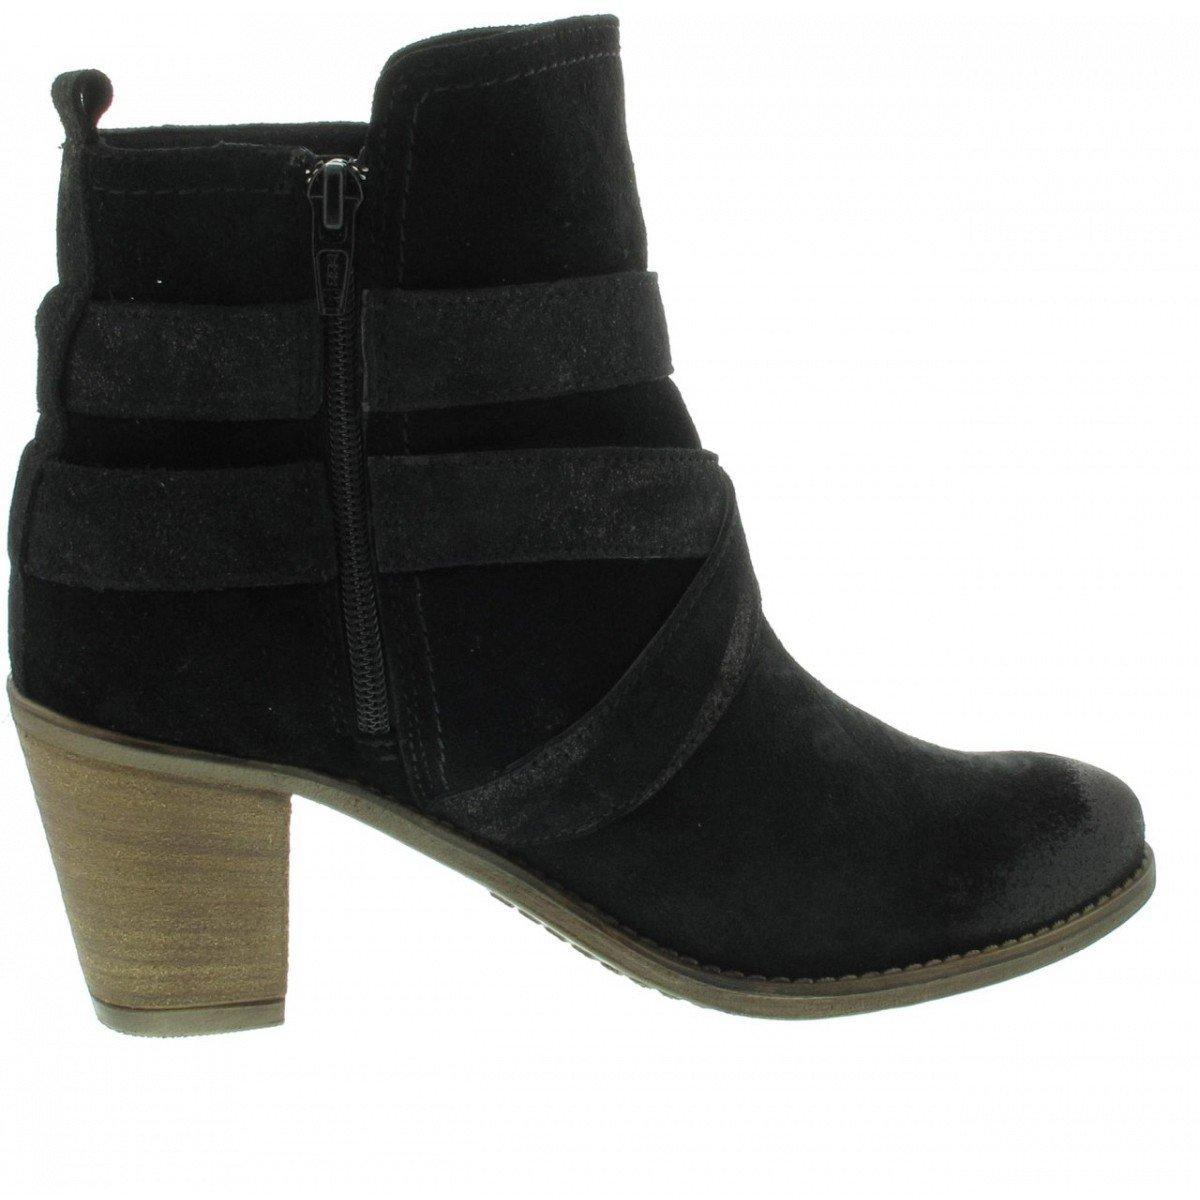 Tamaris Stiefelette, Farbe: schwarz - - Pewter schwarz - - Pewter 24a9e1